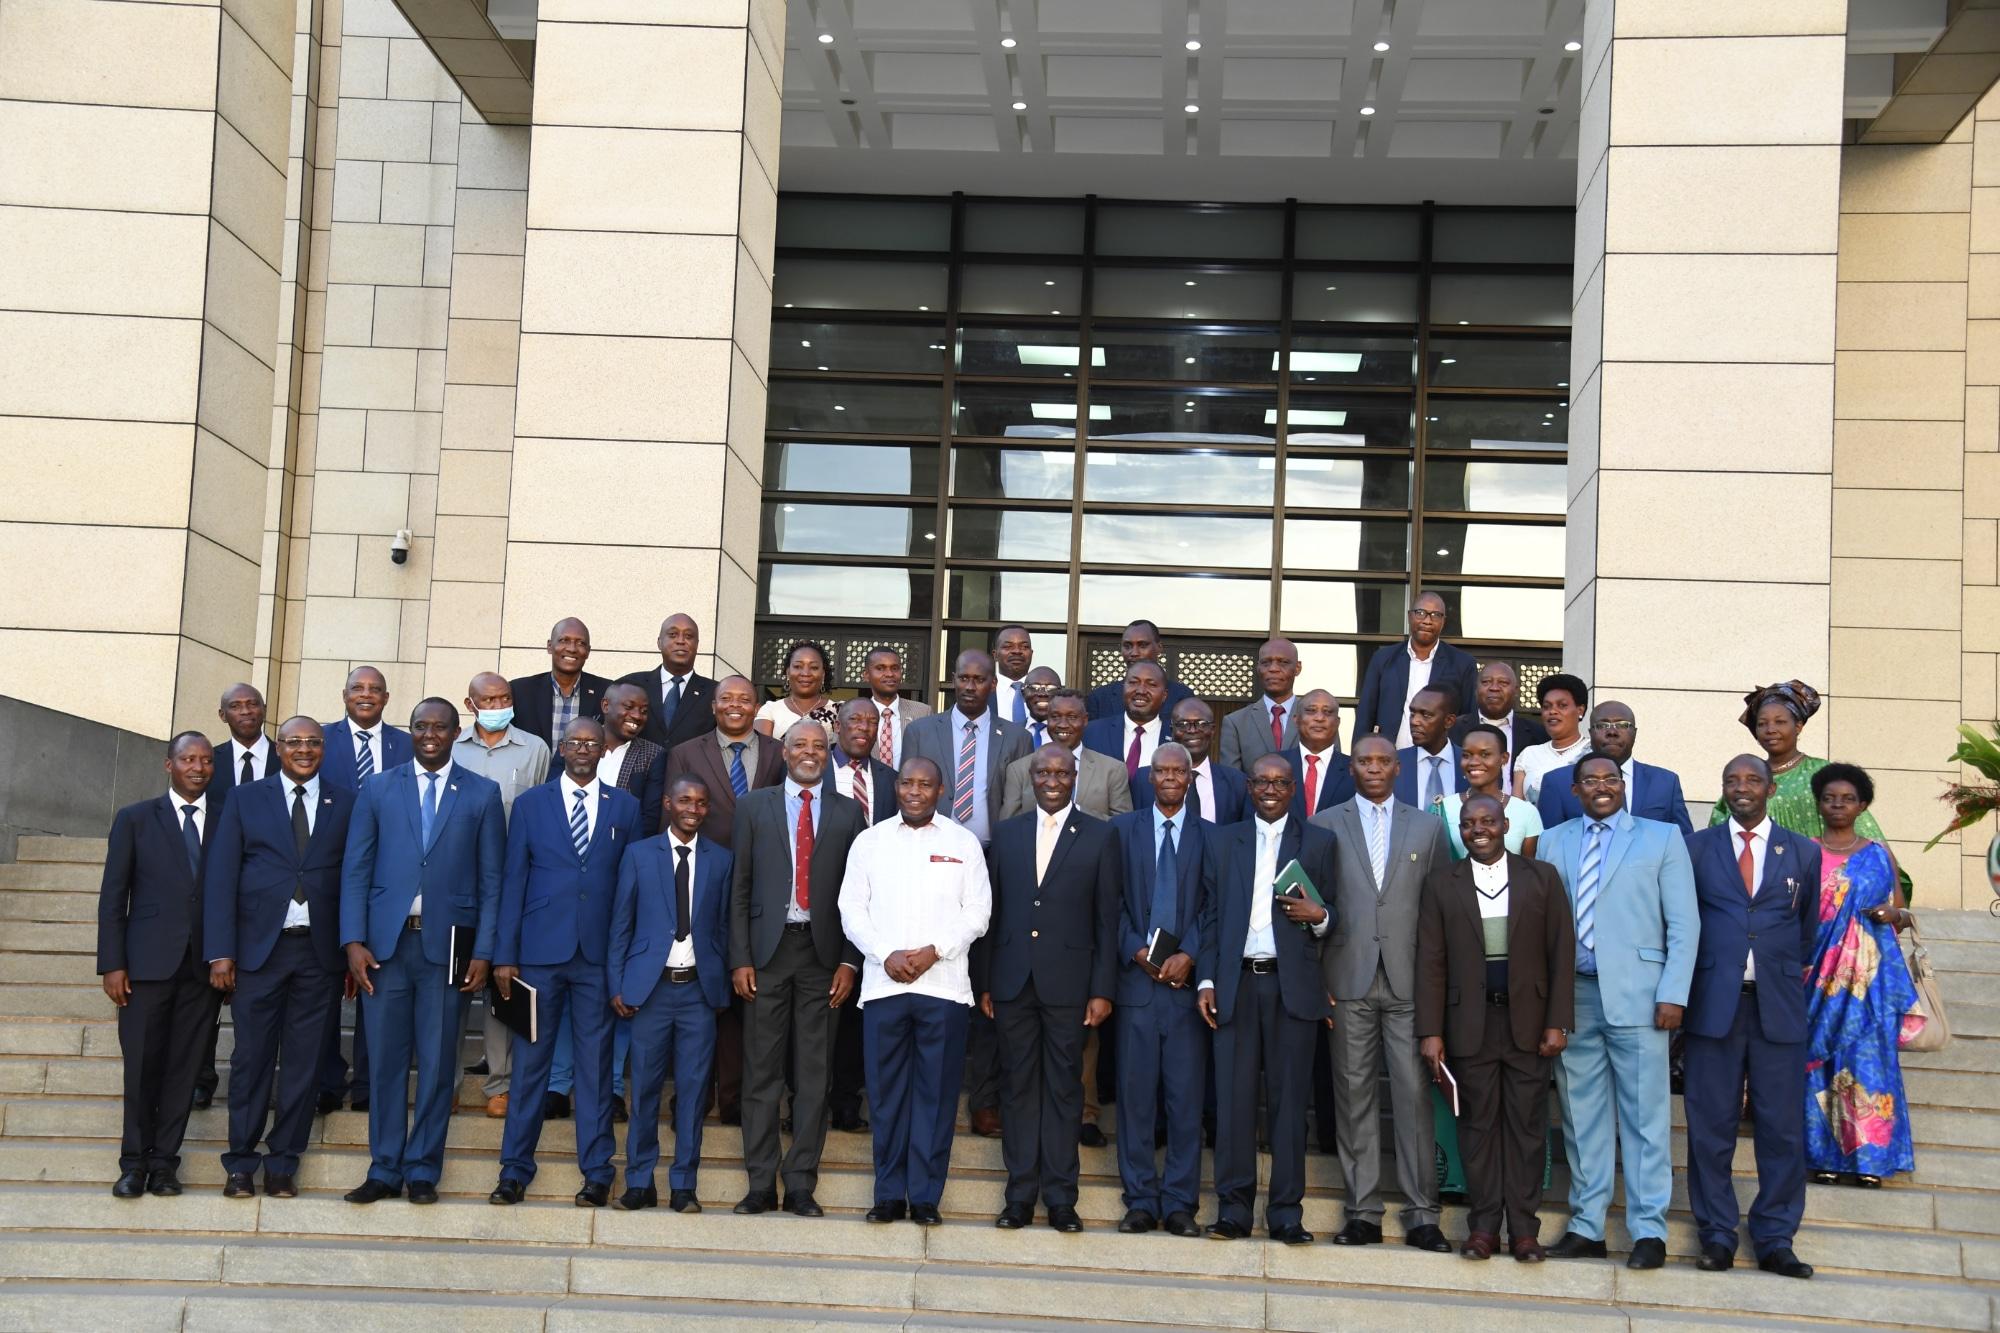 Le Chef de l'Etat demande aux leaders politiques de s'impliquer dans la lutte contre la corruption